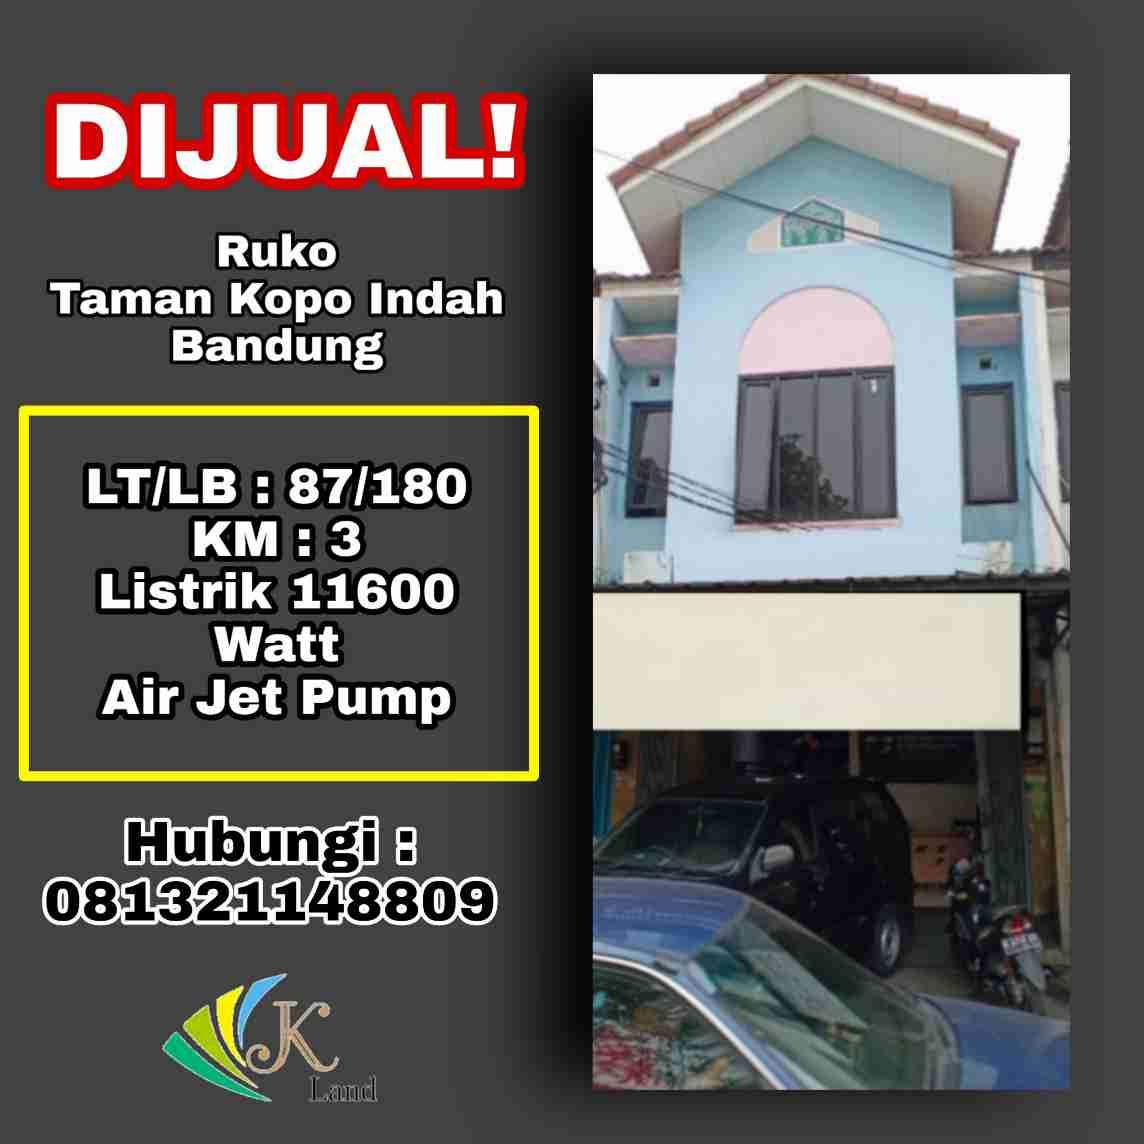 Dijual Ruko Taman Kopo Indah Bandung